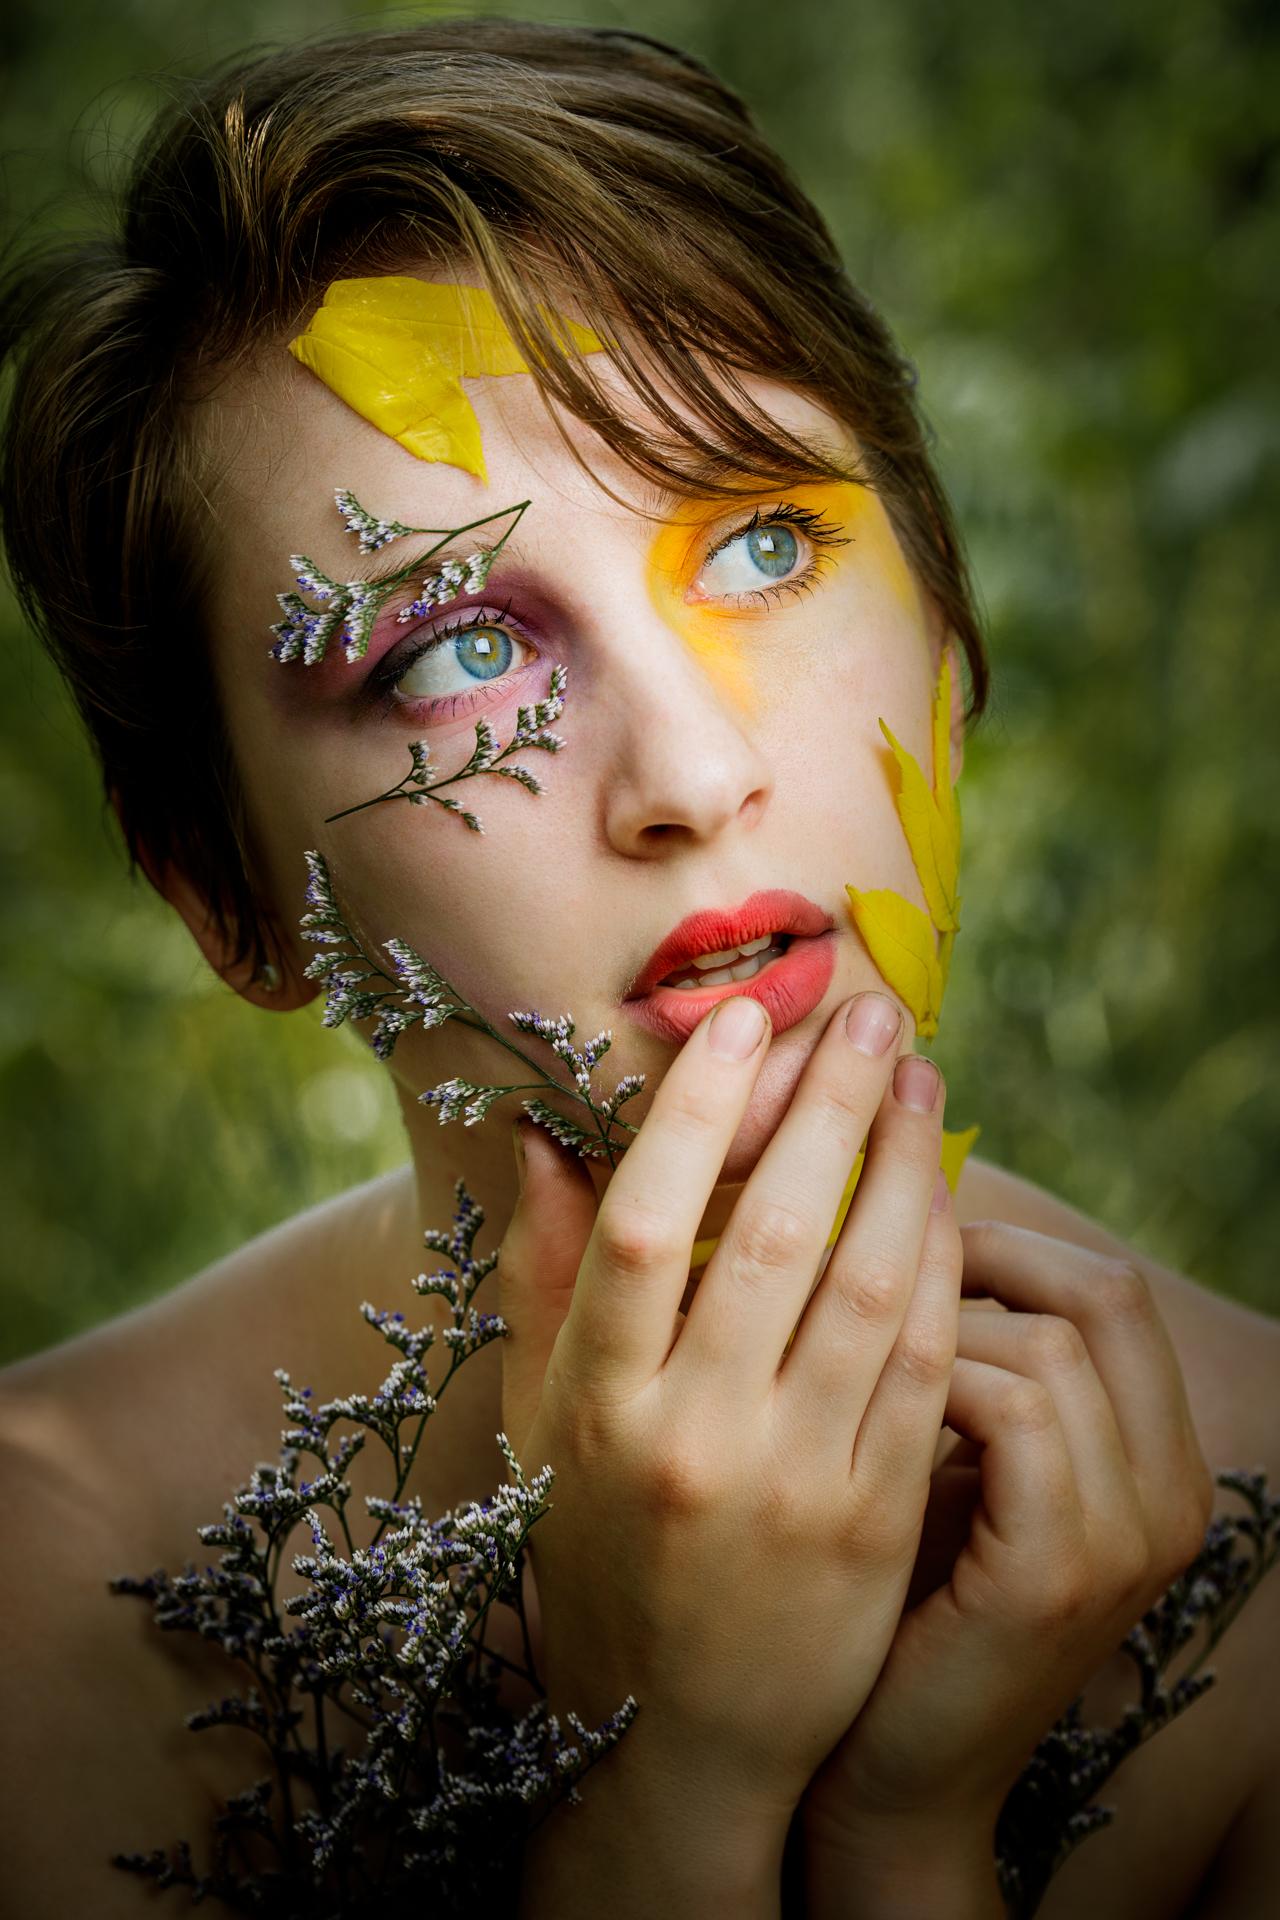 CFrenette-Gabrielle et les fleurs-7-4